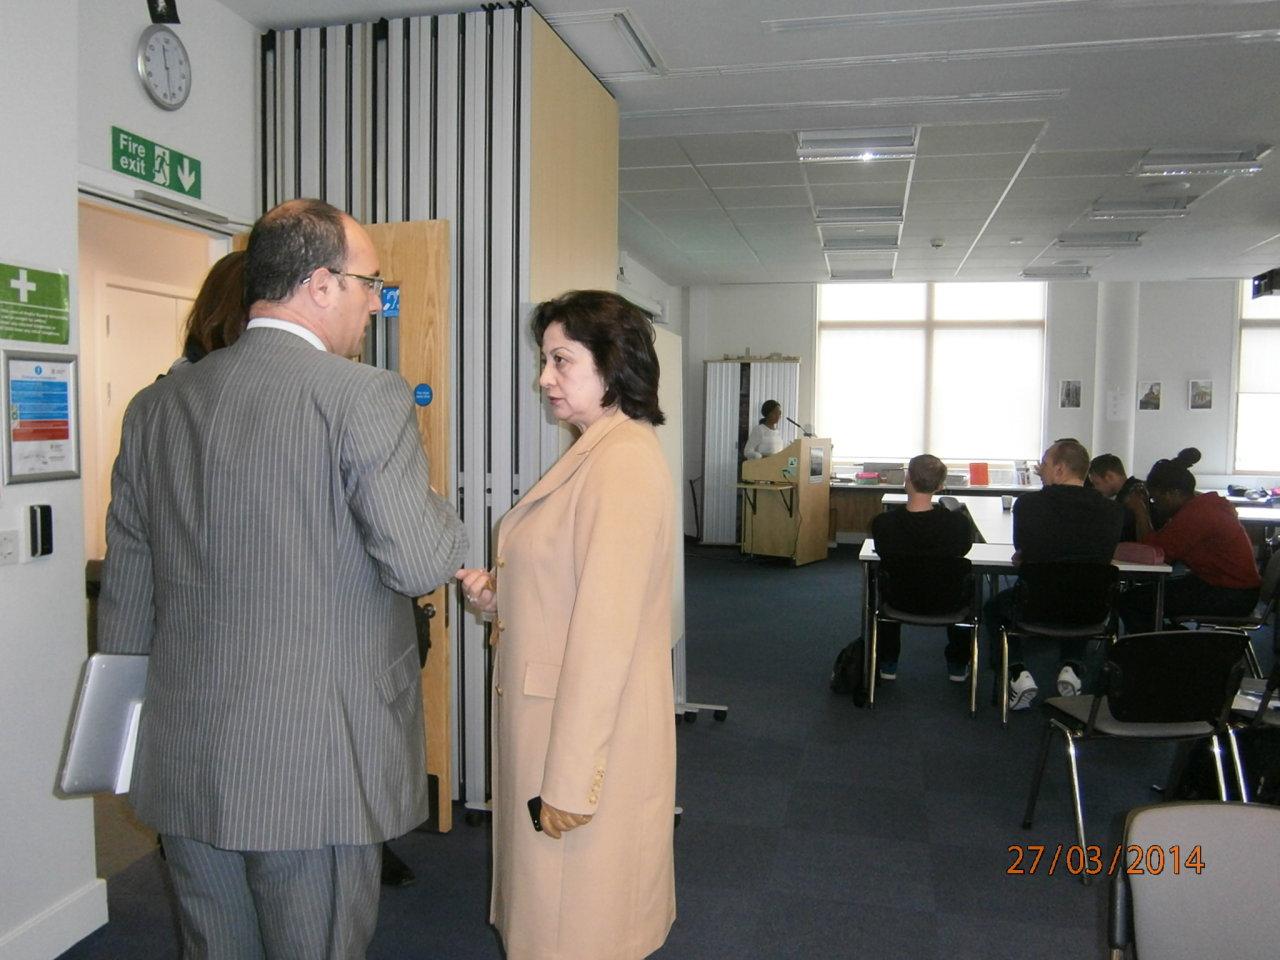 Azərbaycan Memarlıq və İnşaat Universiteti İngiltərənin universitetləri ilə təhsil sahəsində əməkdaşlığı genişləndirir (FOTO)